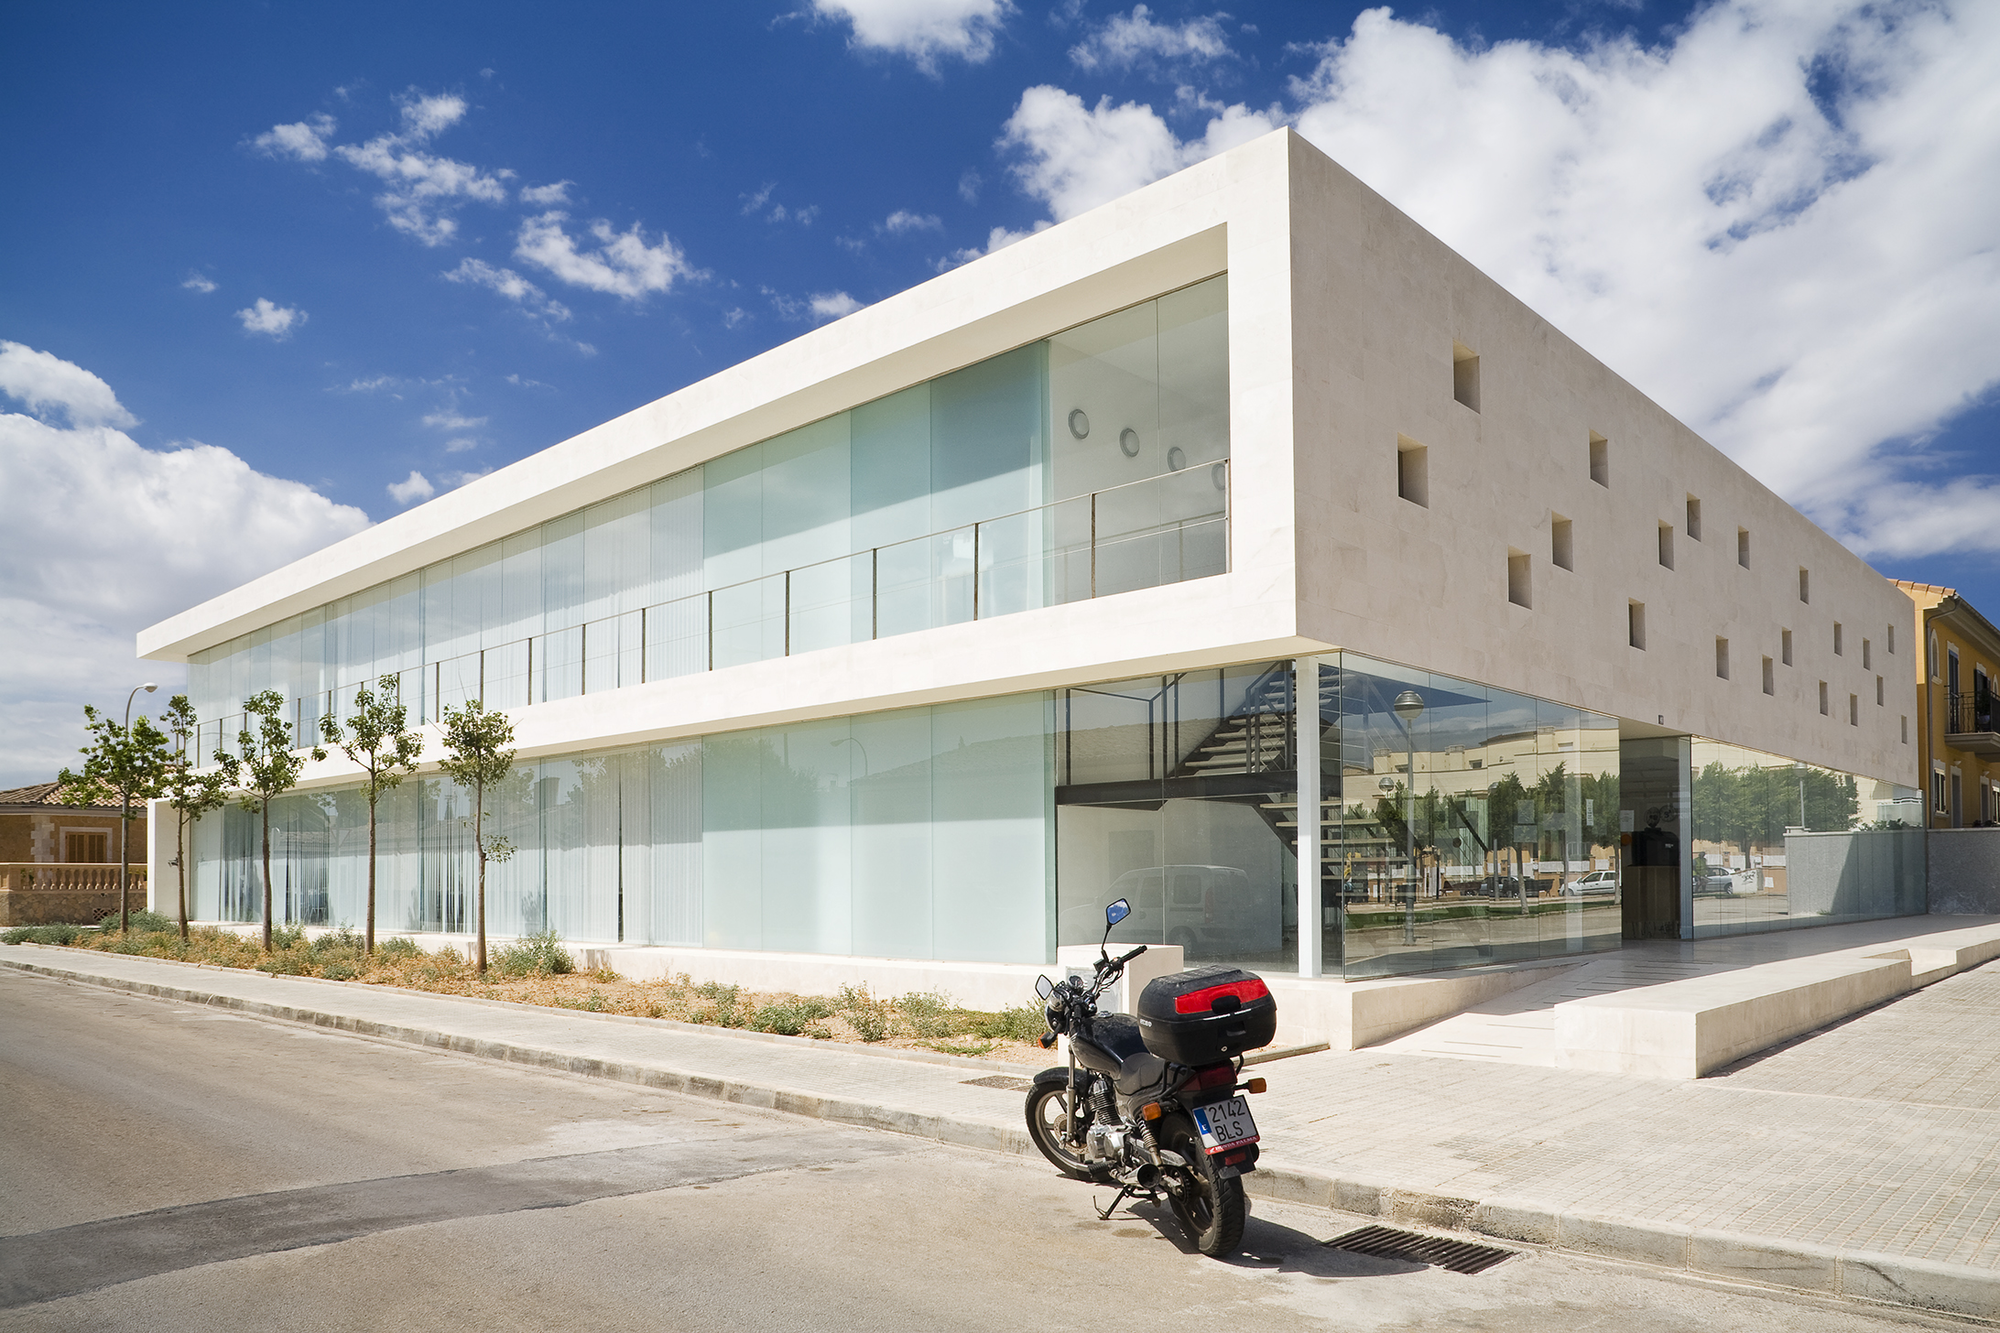 Centro Cultural en Son Ferriol / Jordi Herrero & Sebastián Escanellas, © Jaime Sicilia